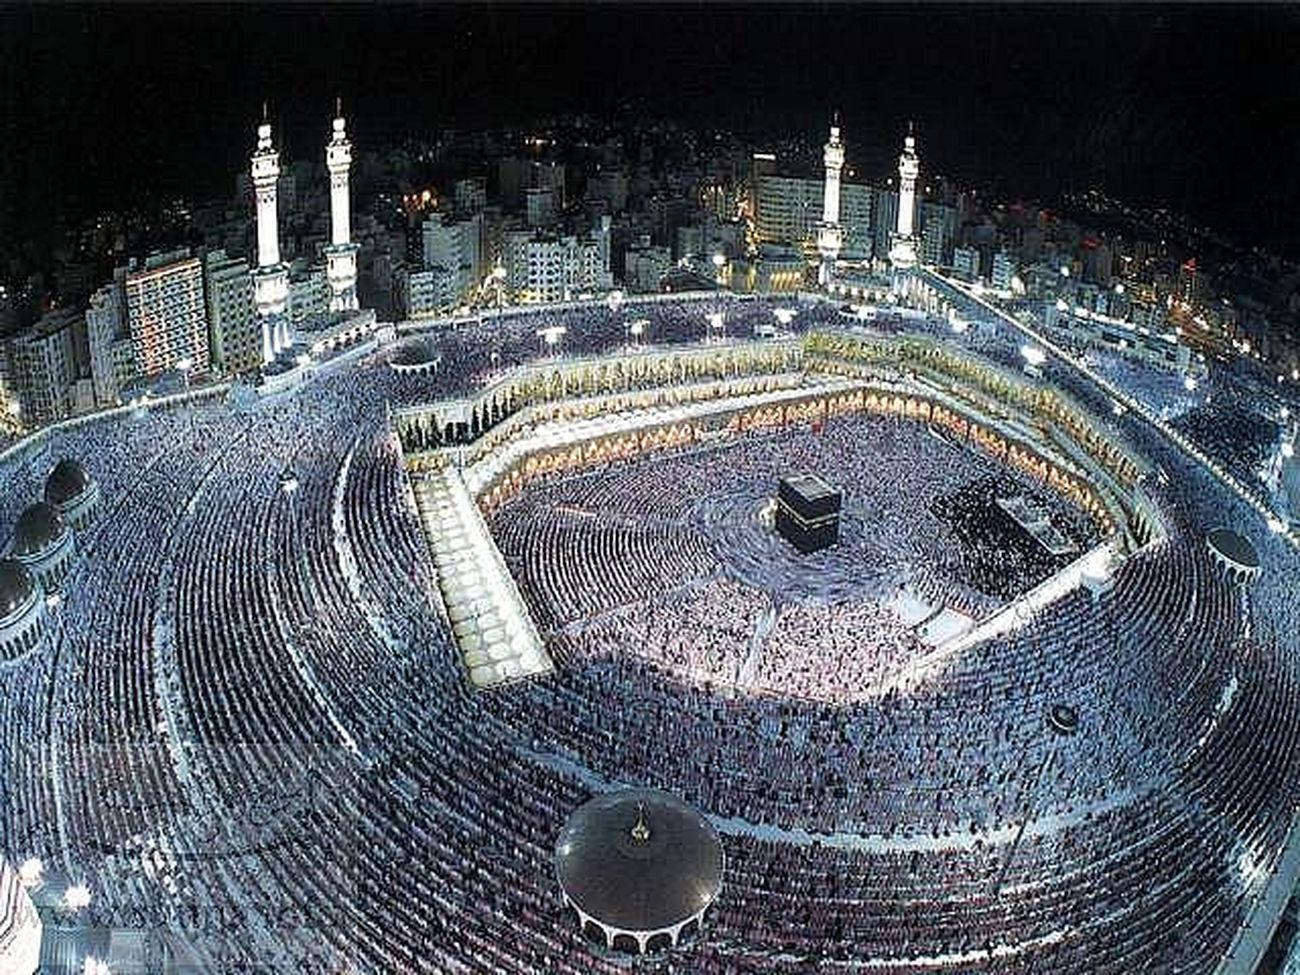 Mucca eid mubark for all muslims EyeEm EyeEm Best Edits Eye4photography  EyeEm Gallery